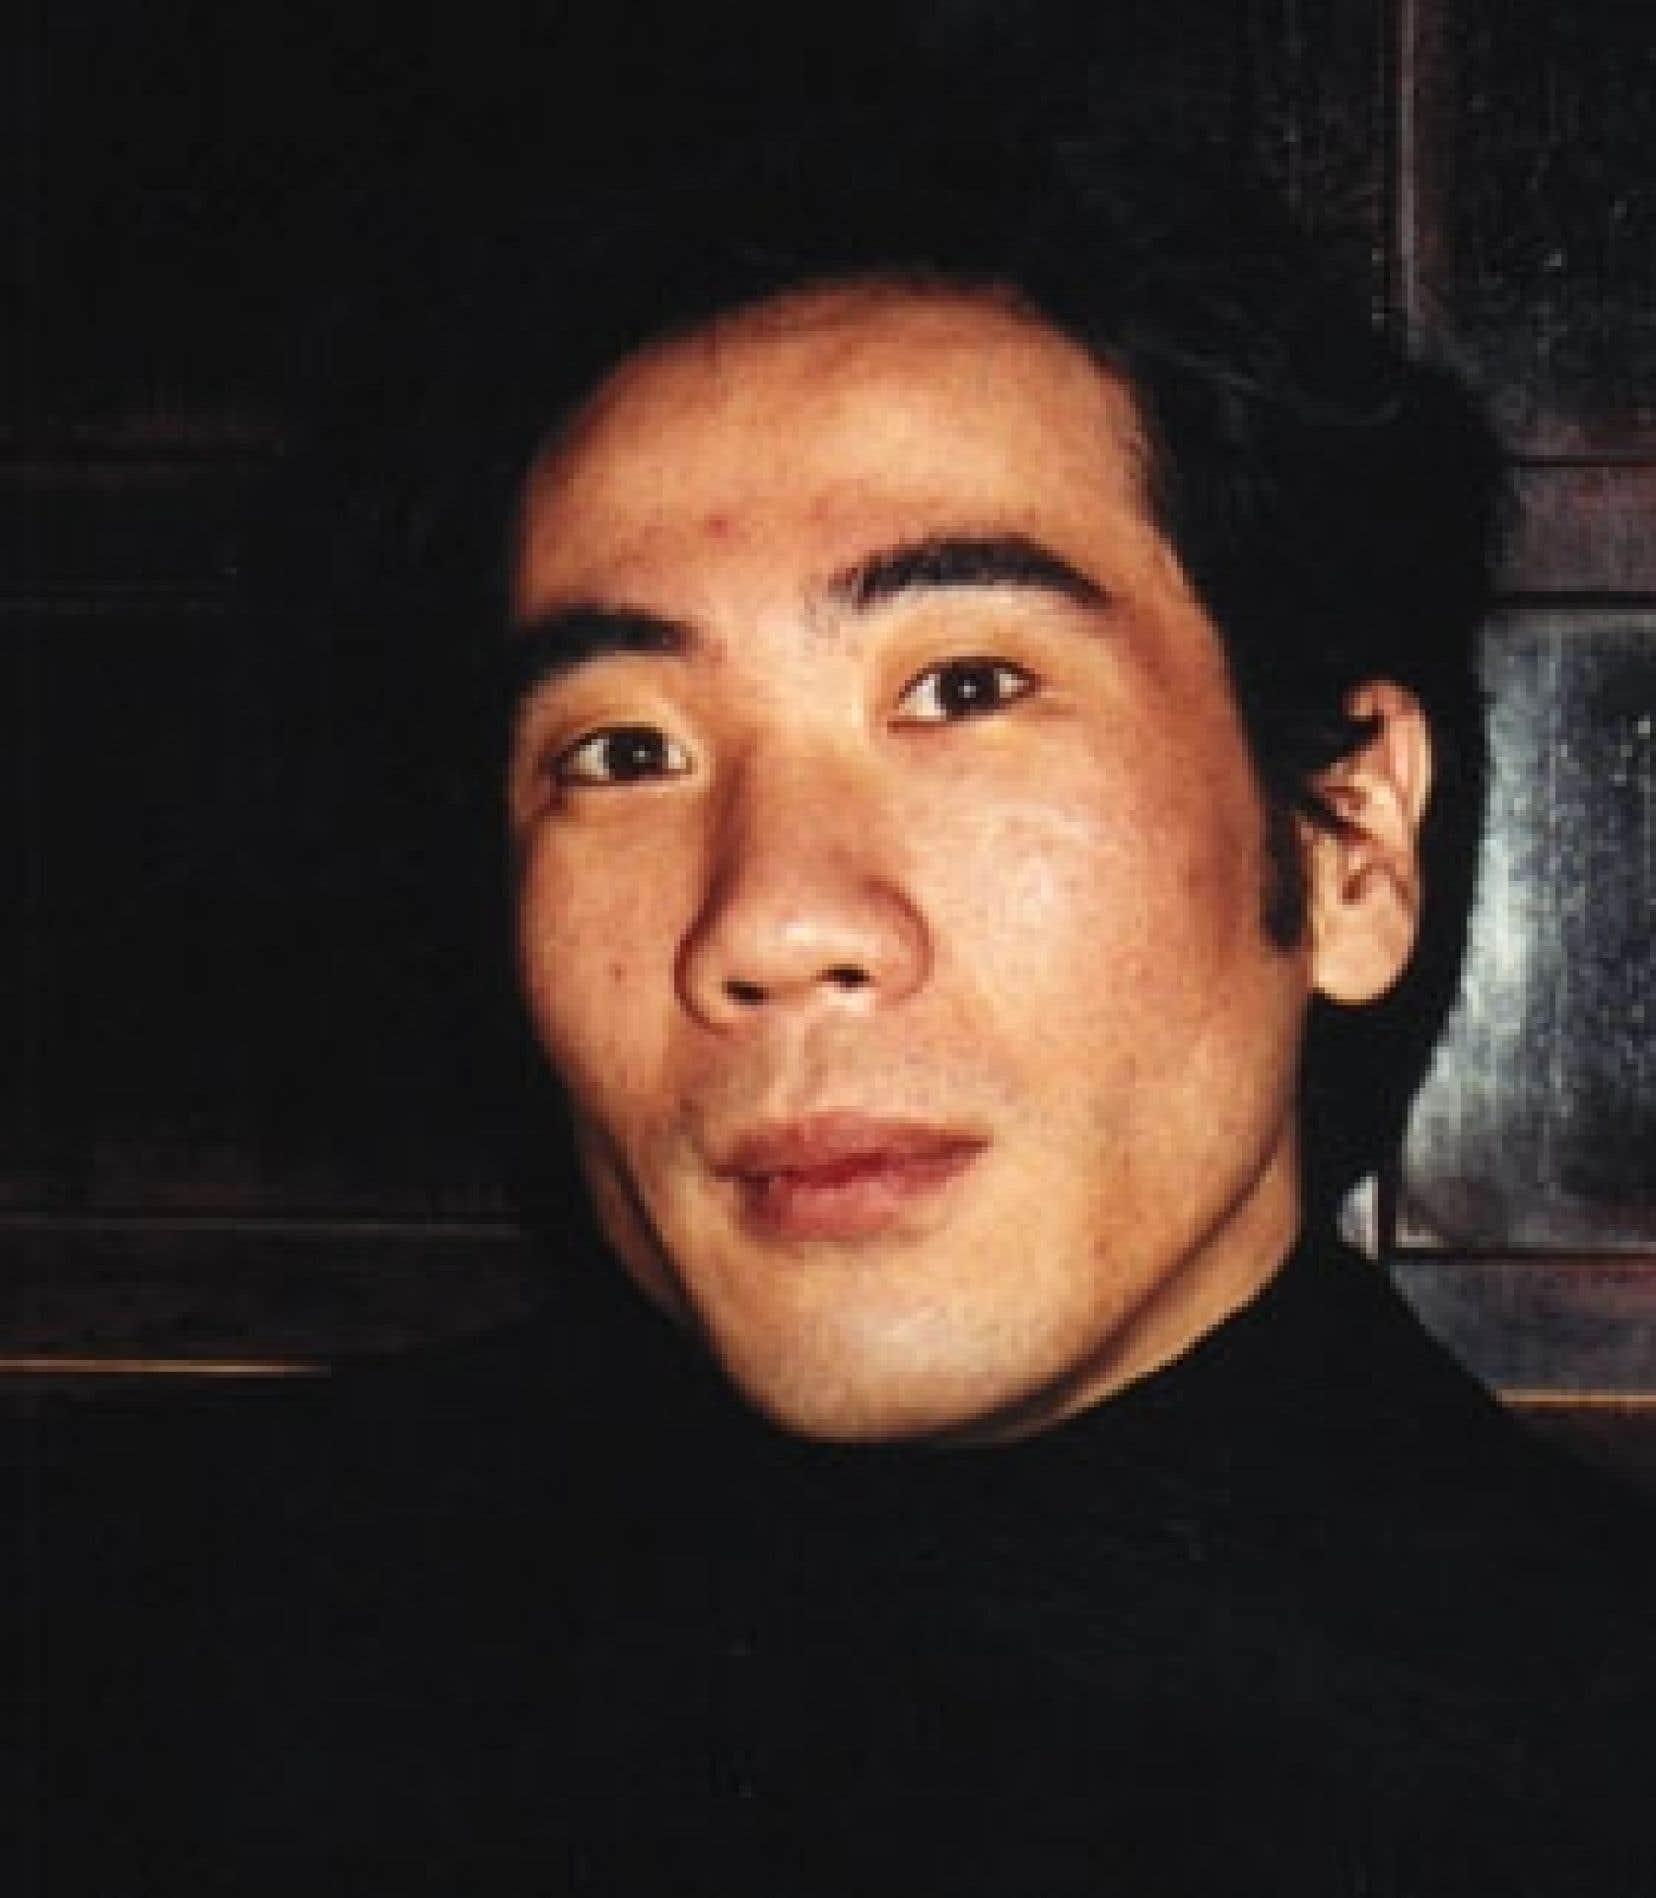 Formé à l'École des beaux-arts de Pékin, Chen Jiang Hon utilise la technique de l'encre de Chine sur papier de riz pour réaliser ses livres, qui sont de véritables oeuvres d'art.